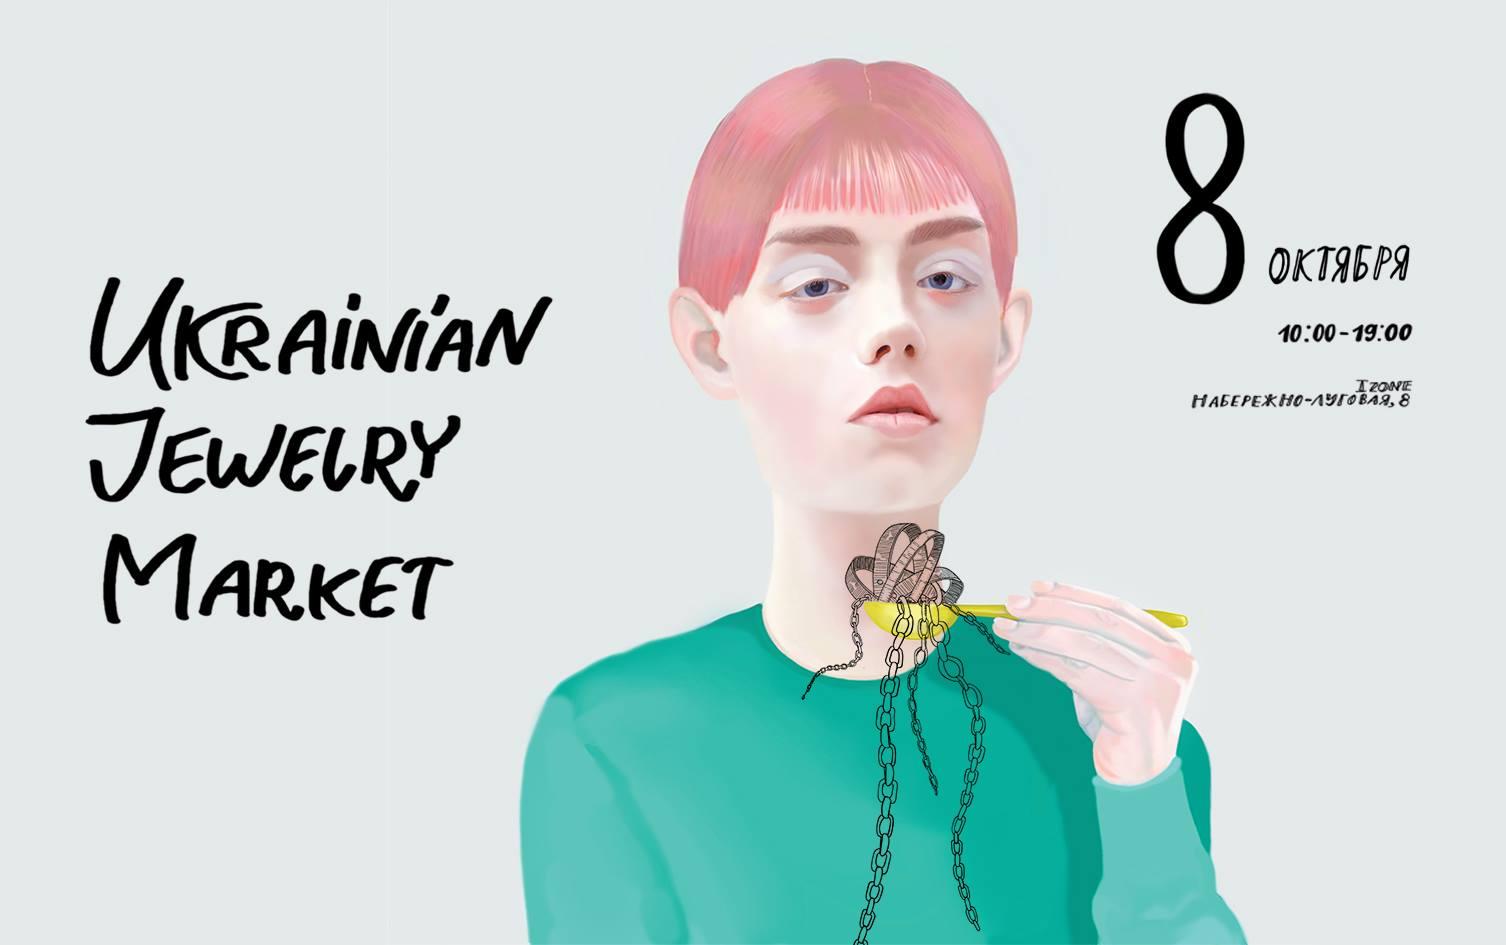 Ukrainian Jewelry Market 1.03 October 8